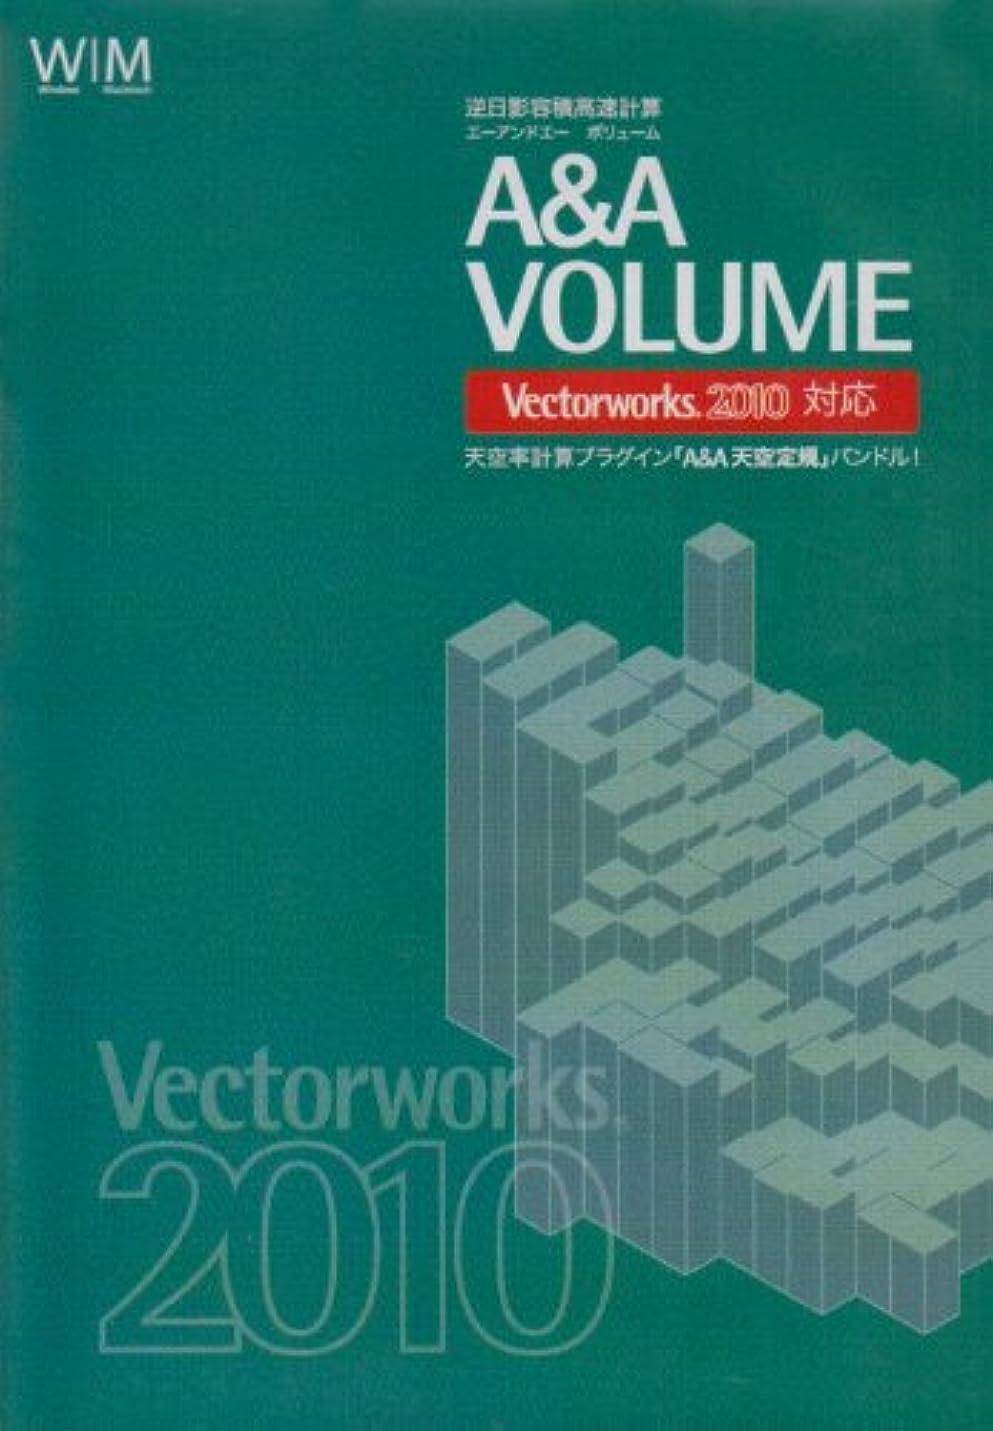 石削除するカードA&A Volume Vectorworks 2010J 対応版 基本パッケージ